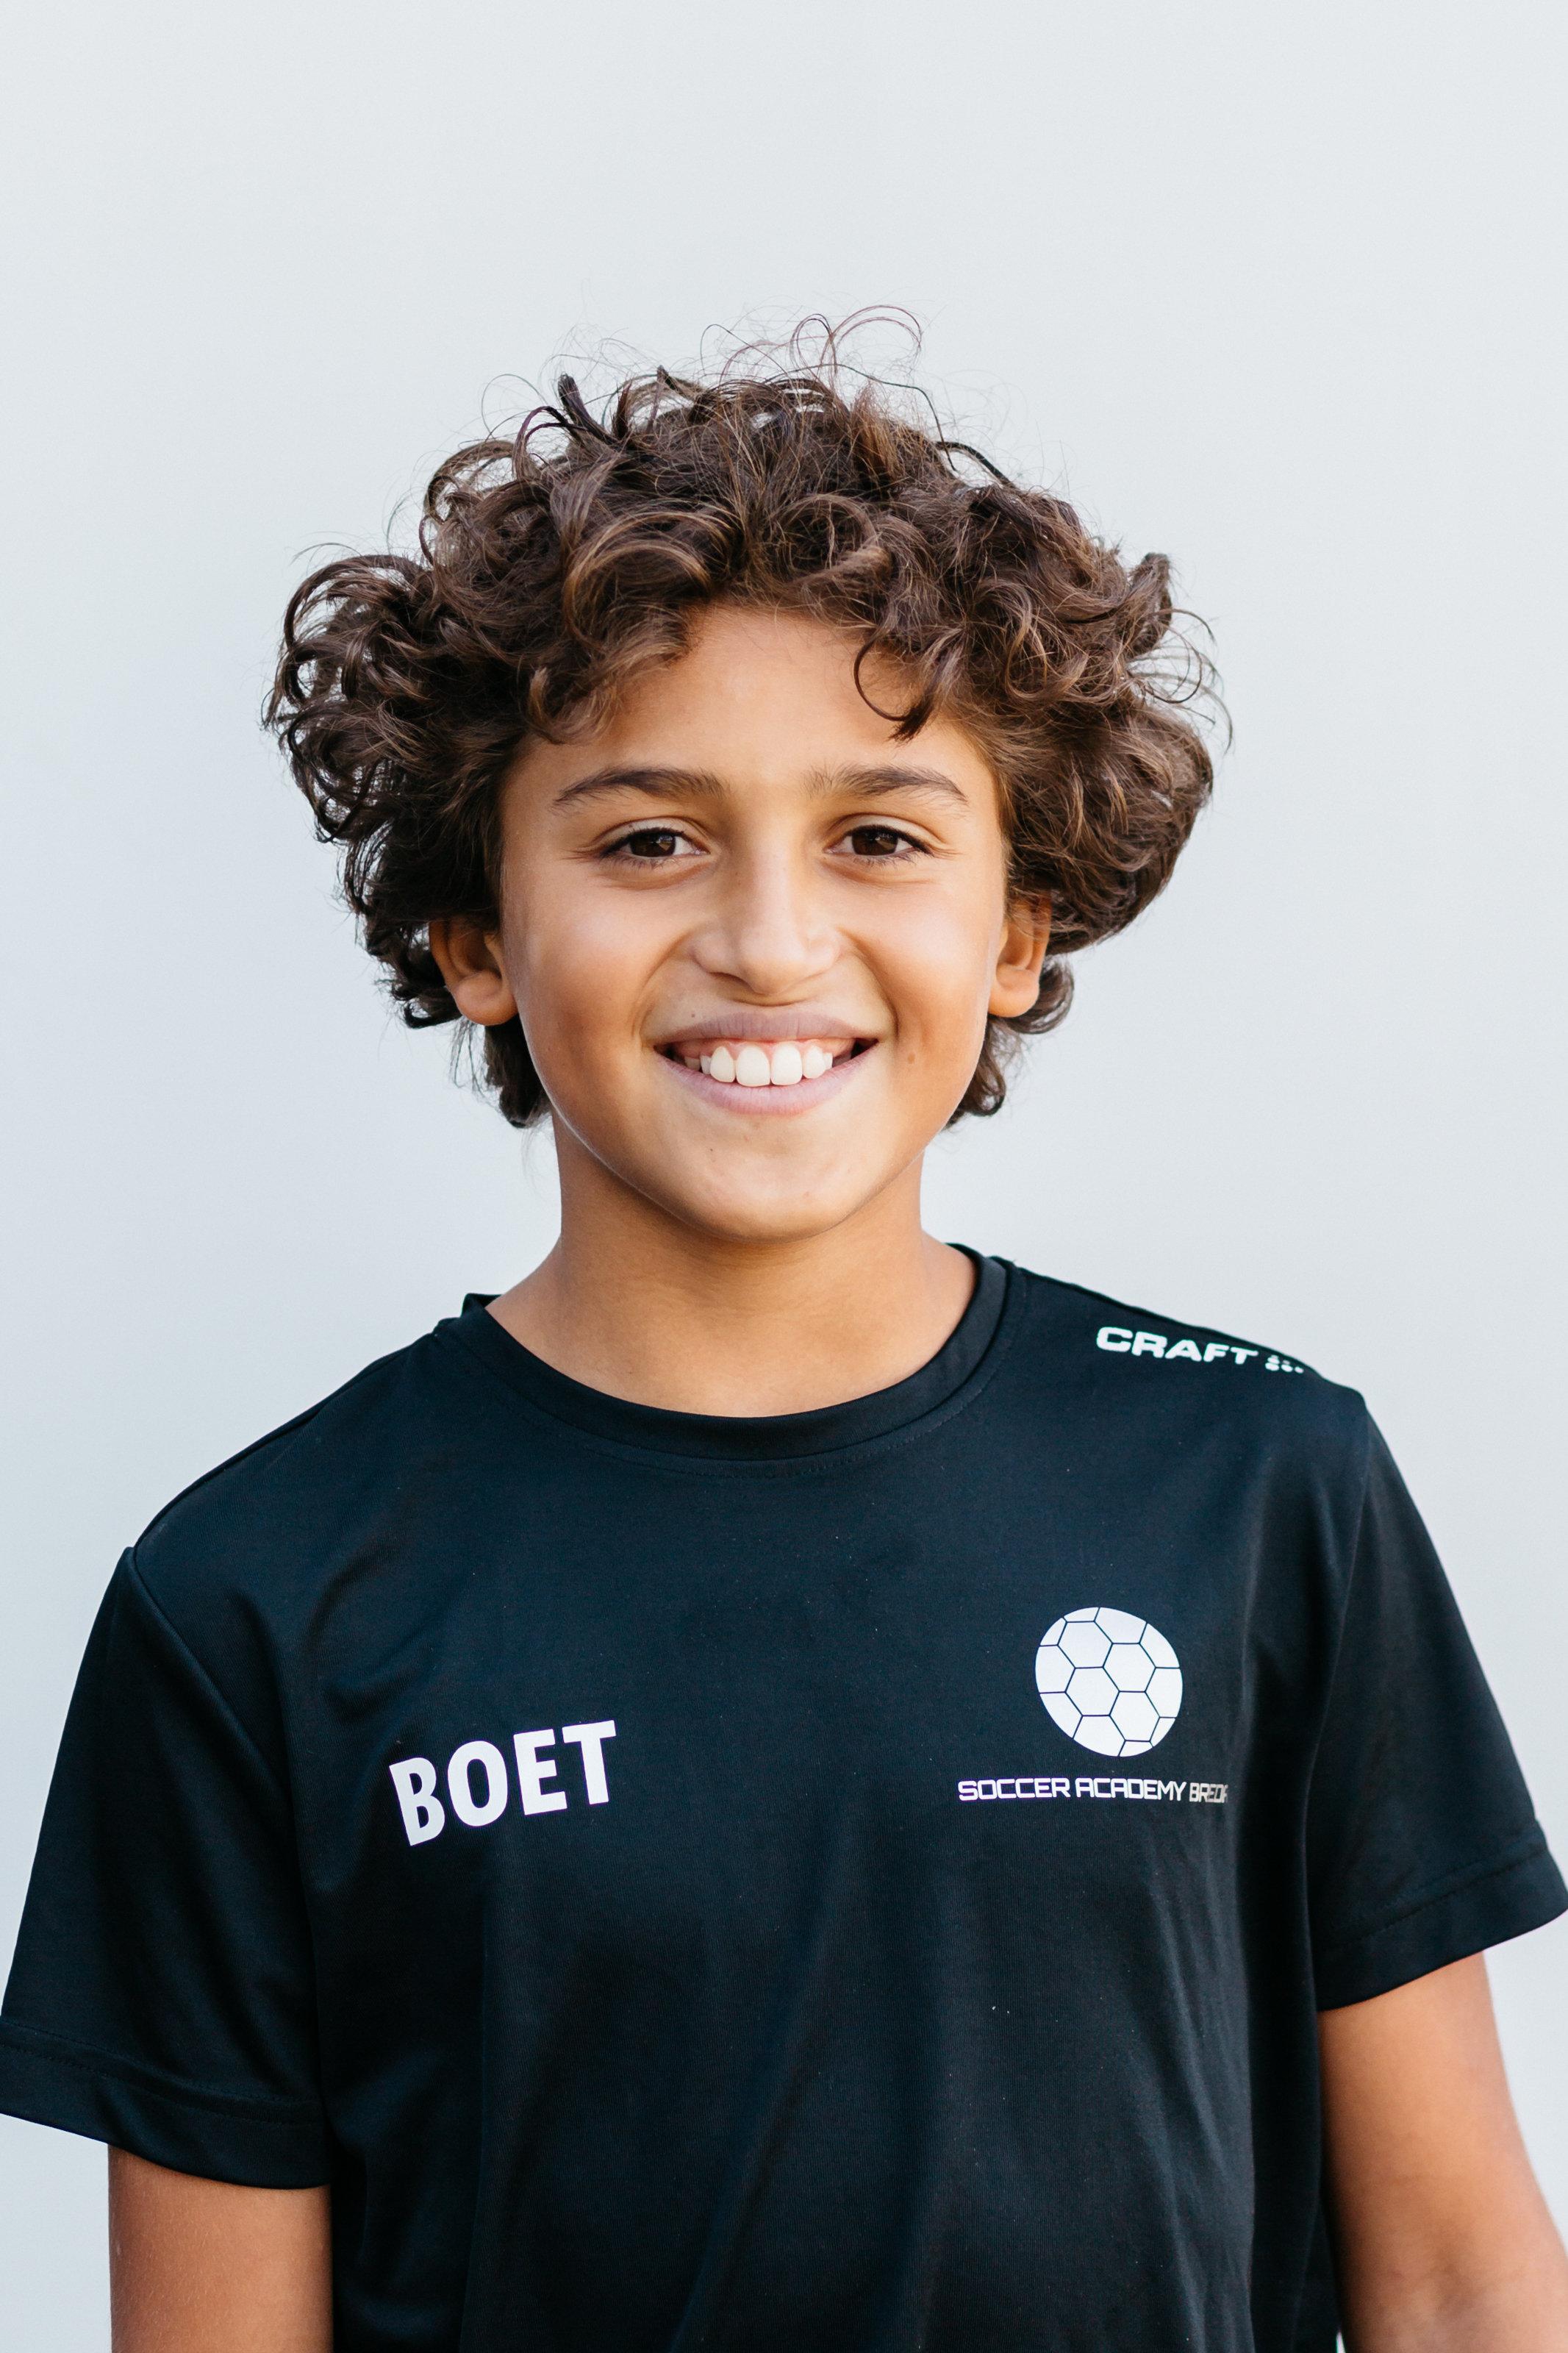 https://socceracademybreda.nl/wp-content/uploads/2020/10/boet.jpg